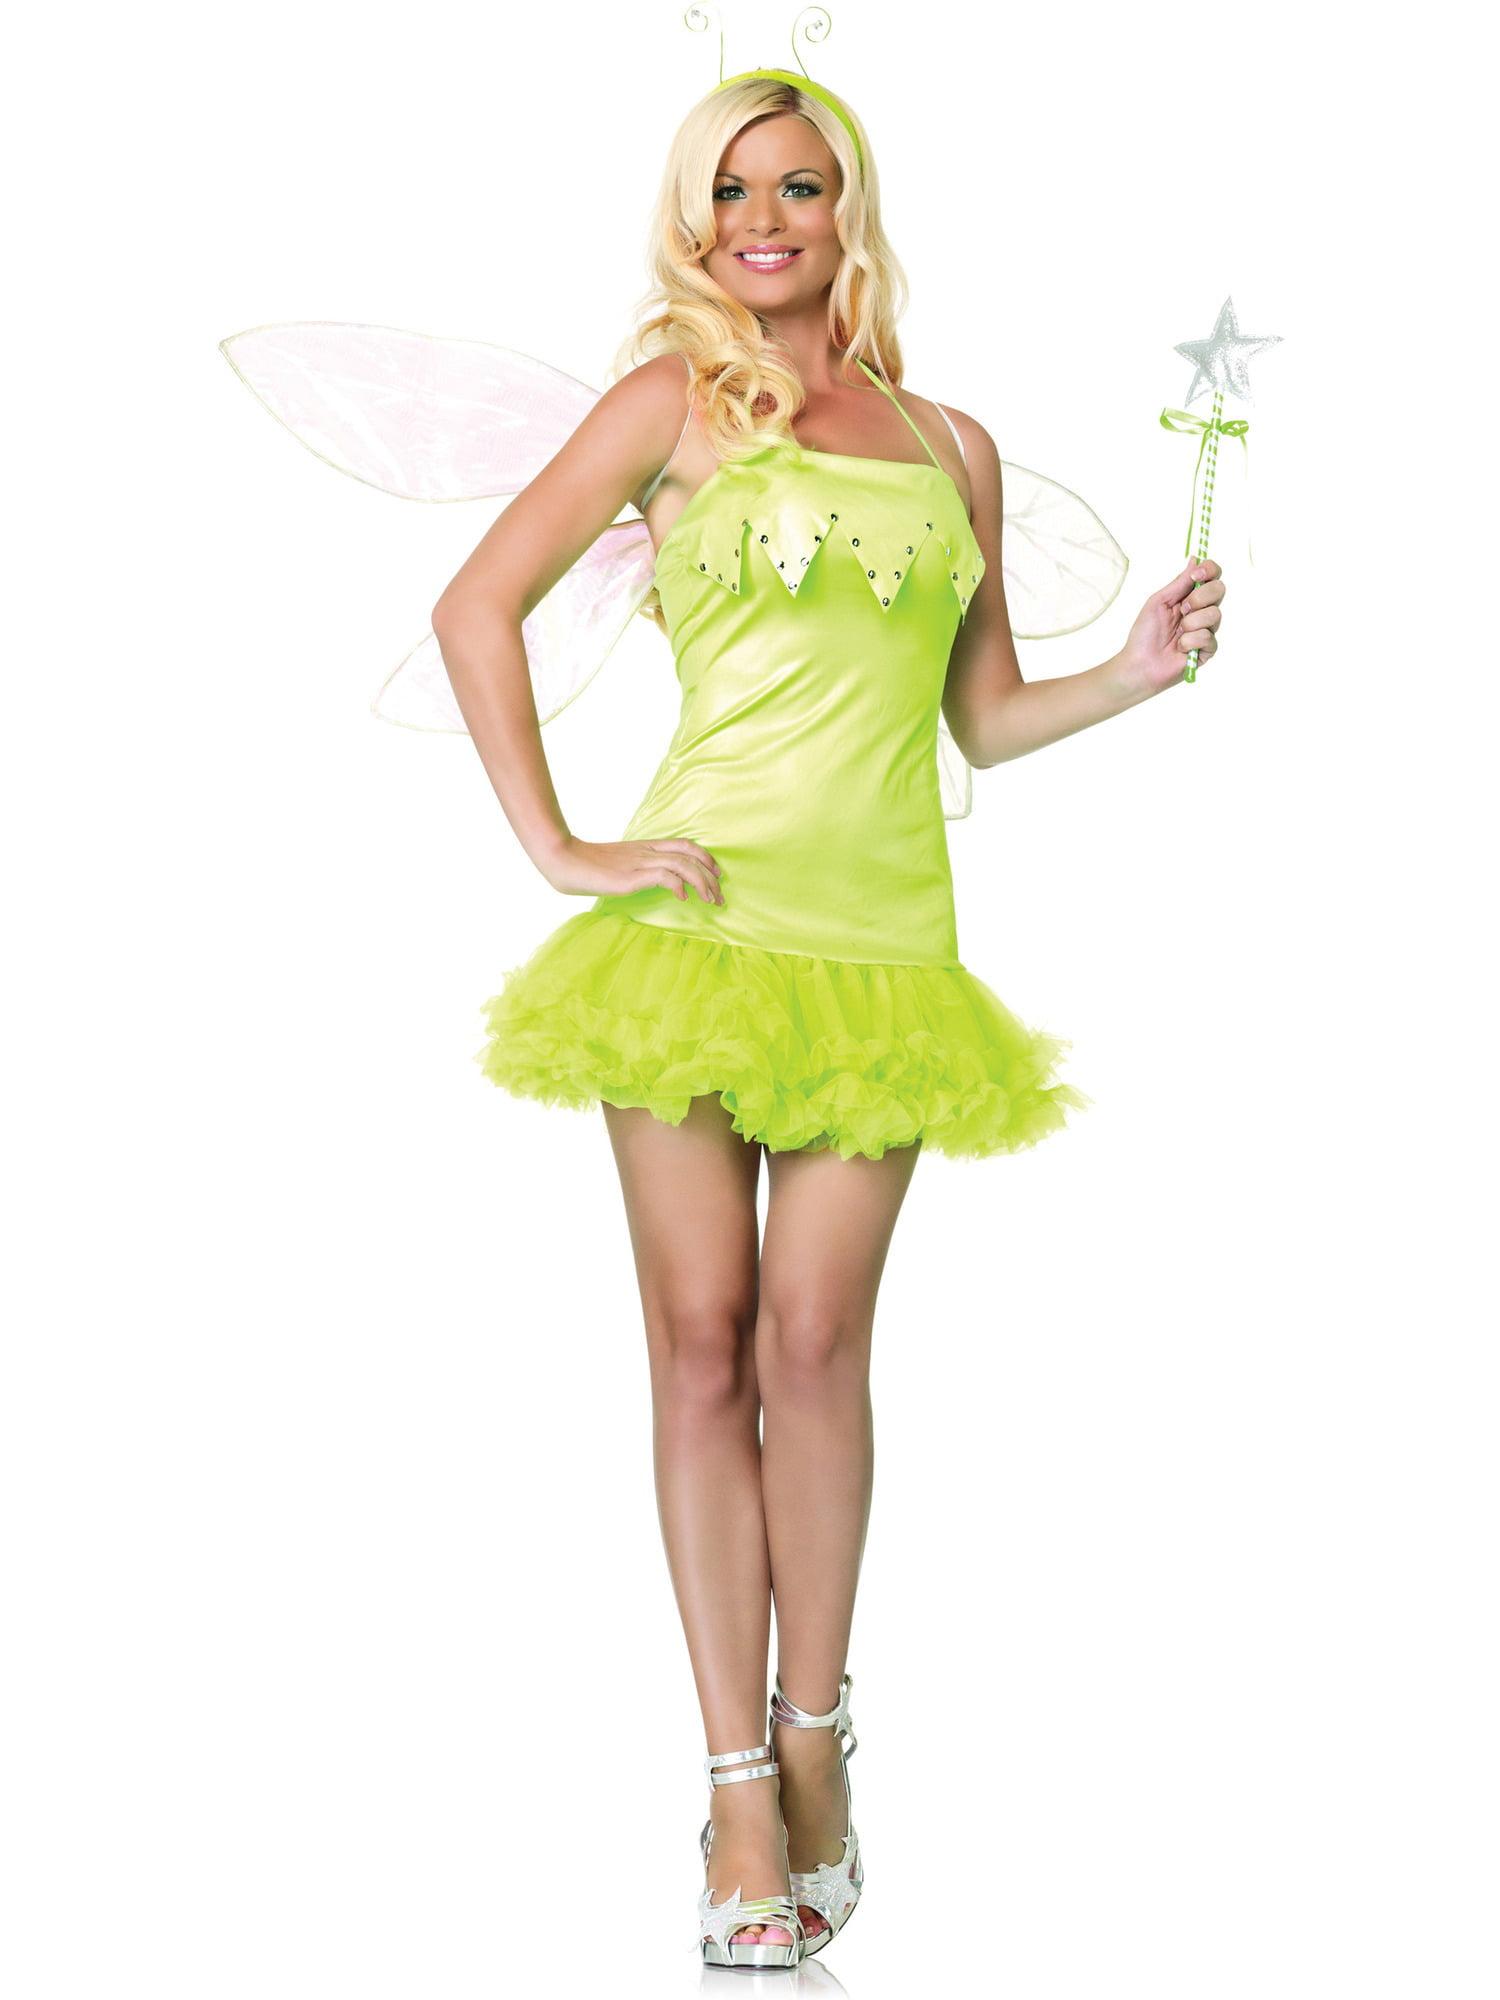 Women's sexy pixie costume